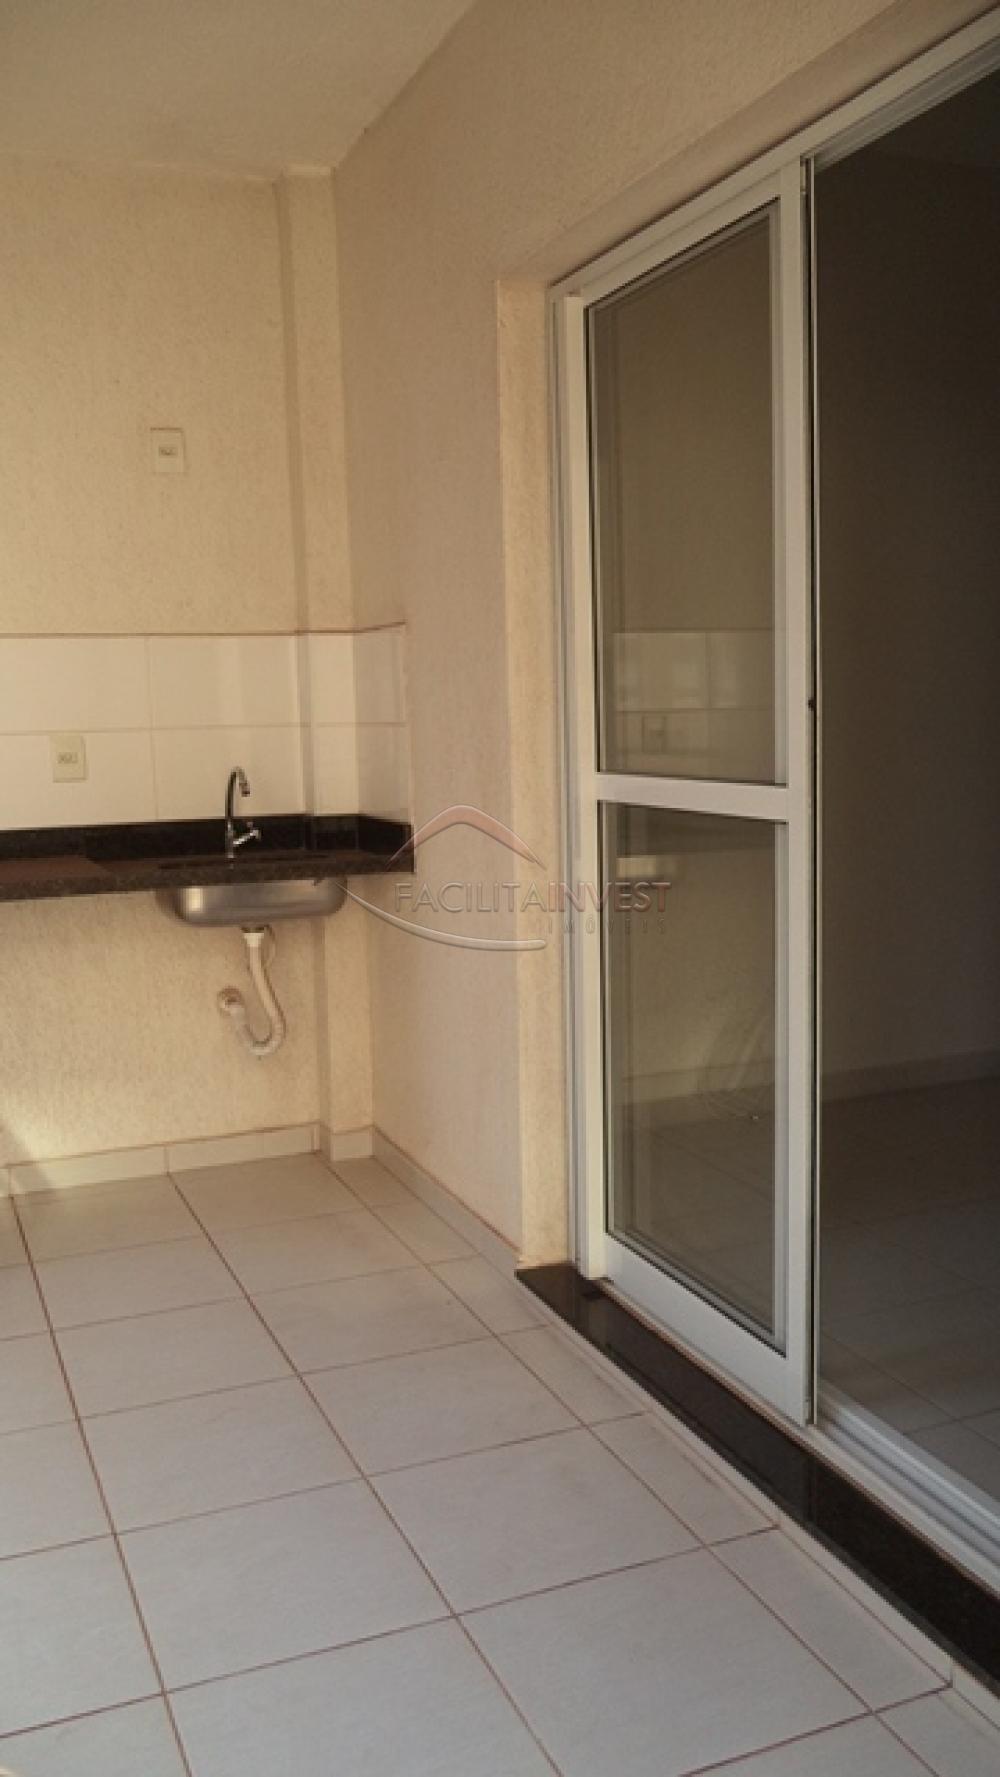 Alugar Apartamentos / Apart. Padrão em Ribeirão Preto apenas R$ 1.000,00 - Foto 2